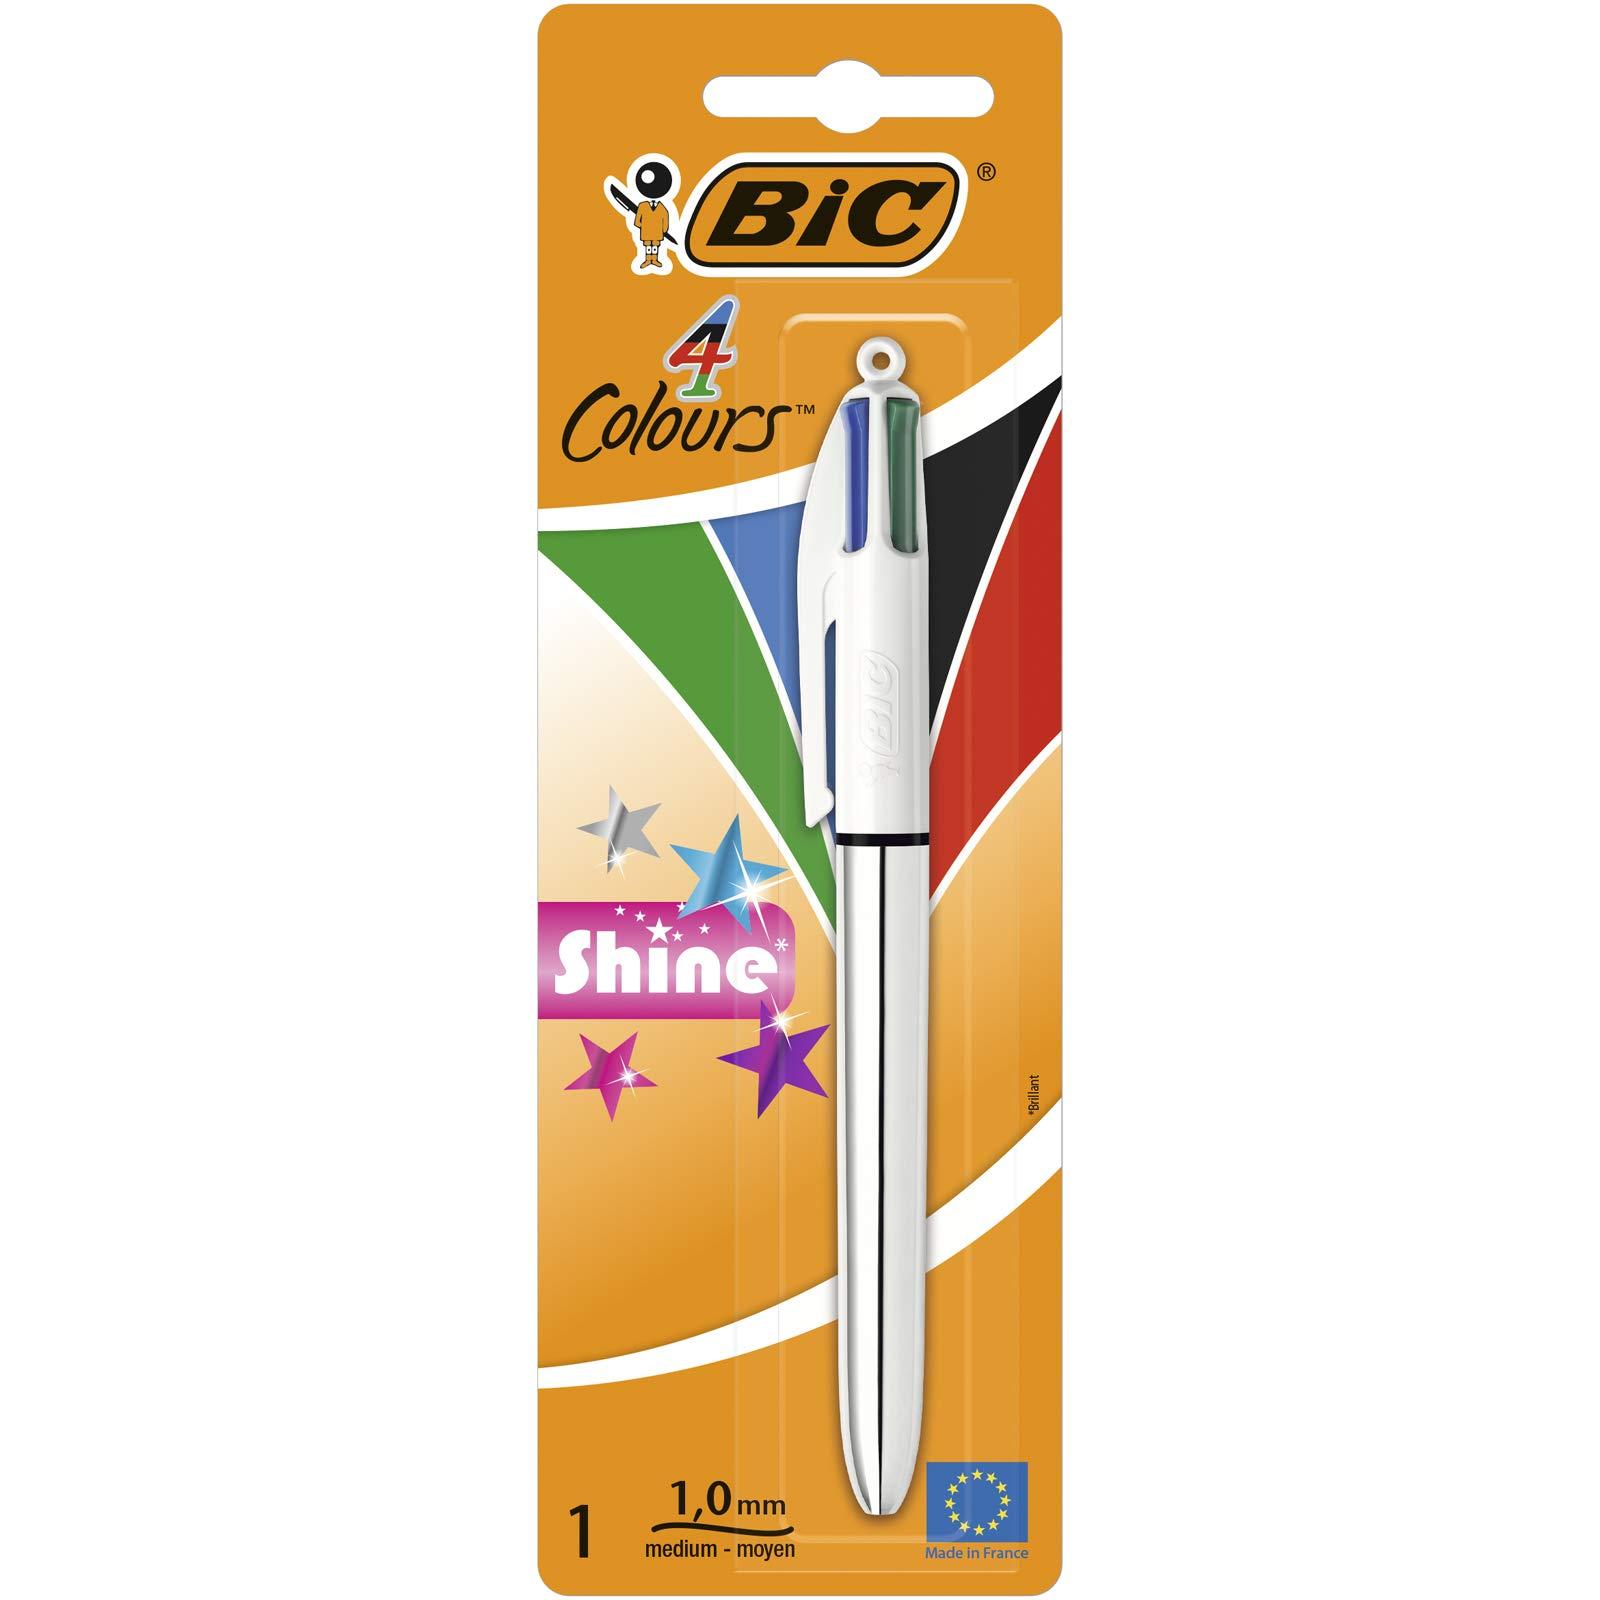 BIC Colores Shine – Caja de bolígrafos